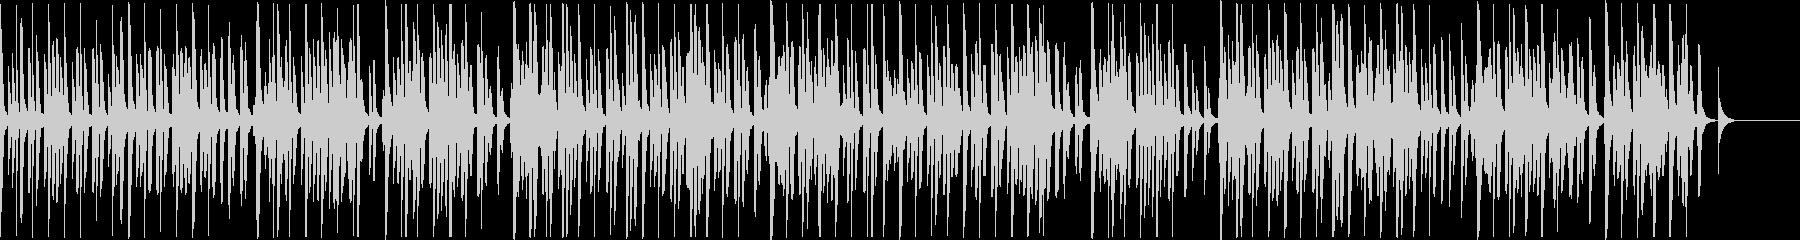 シンプルなミニマルビートの未再生の波形